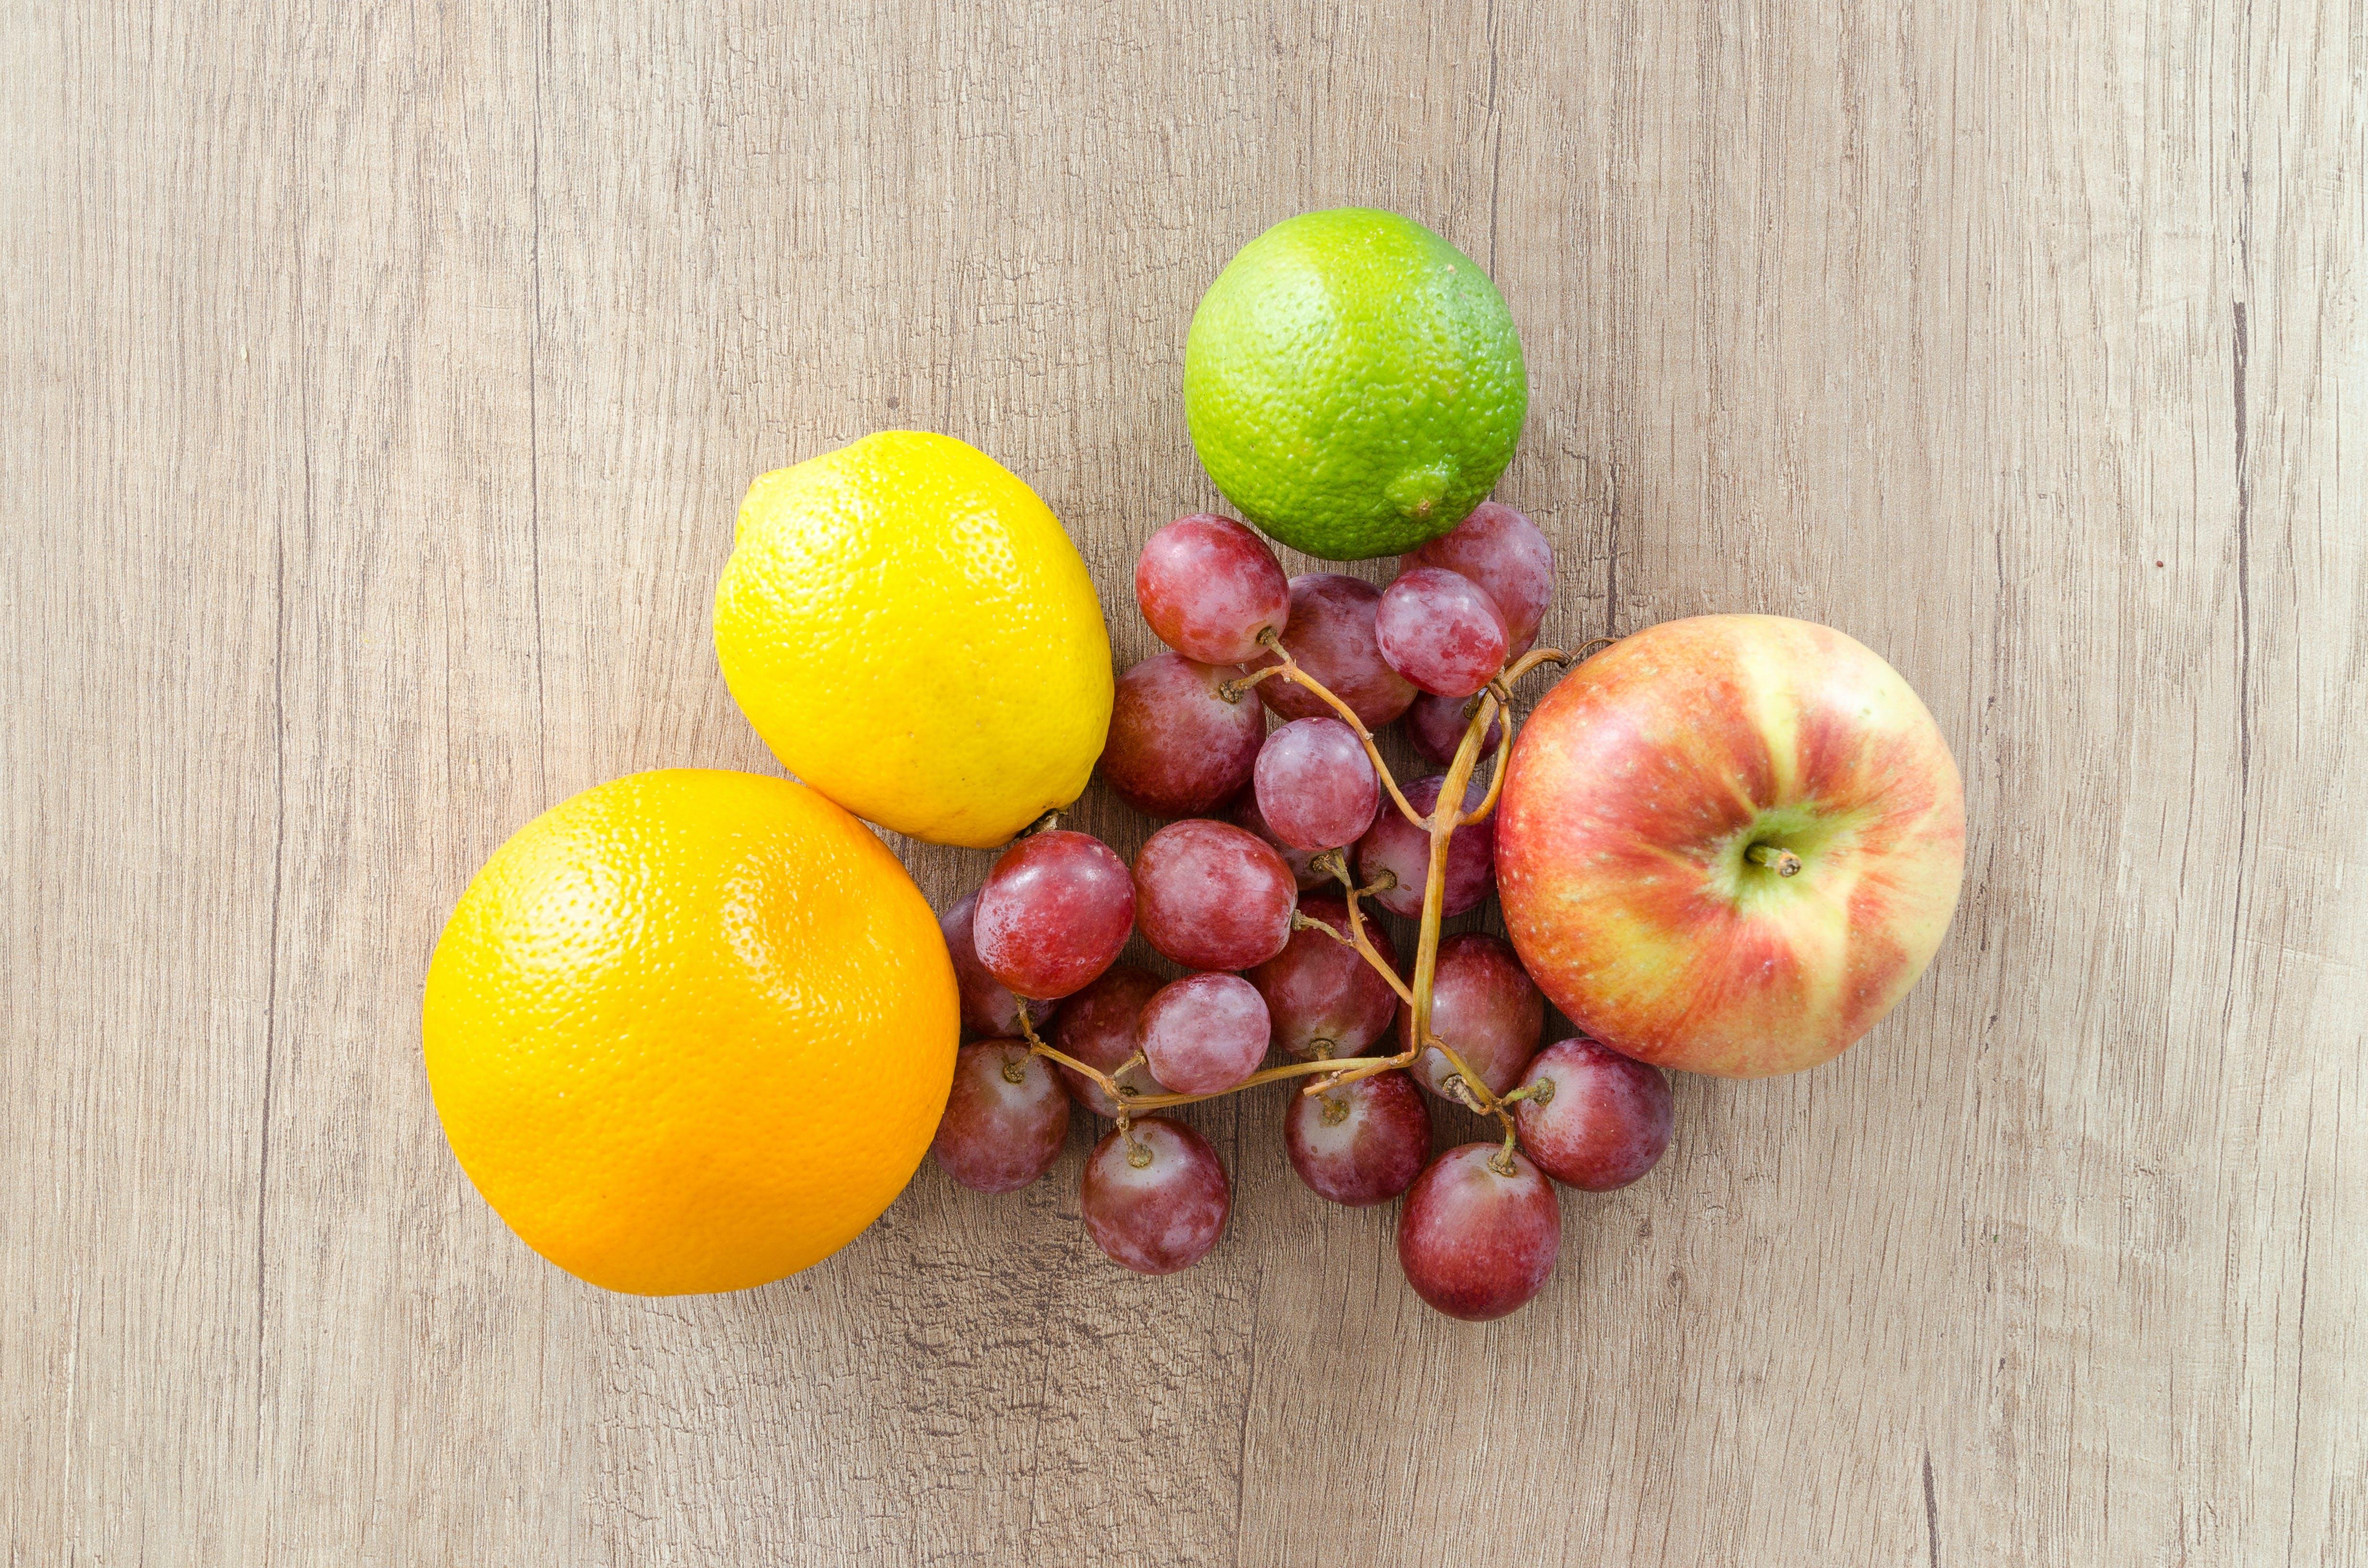 Gratis arkivbilde med appelsin, apple, delikat, druer